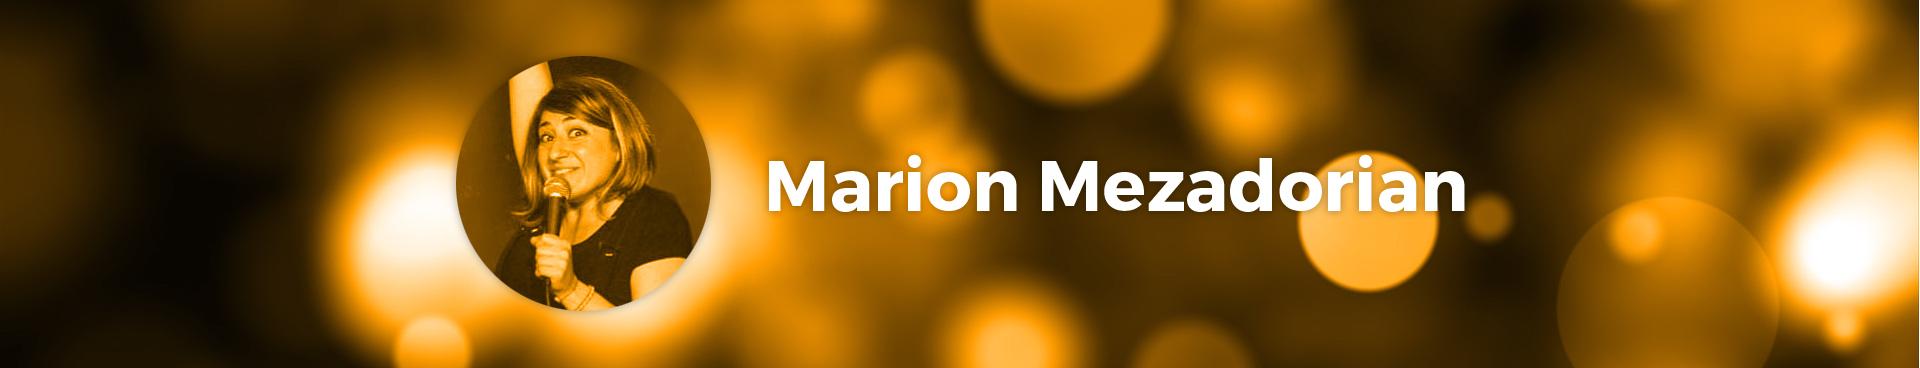 Marion Mezadorian, artiste Le Spot du Rire